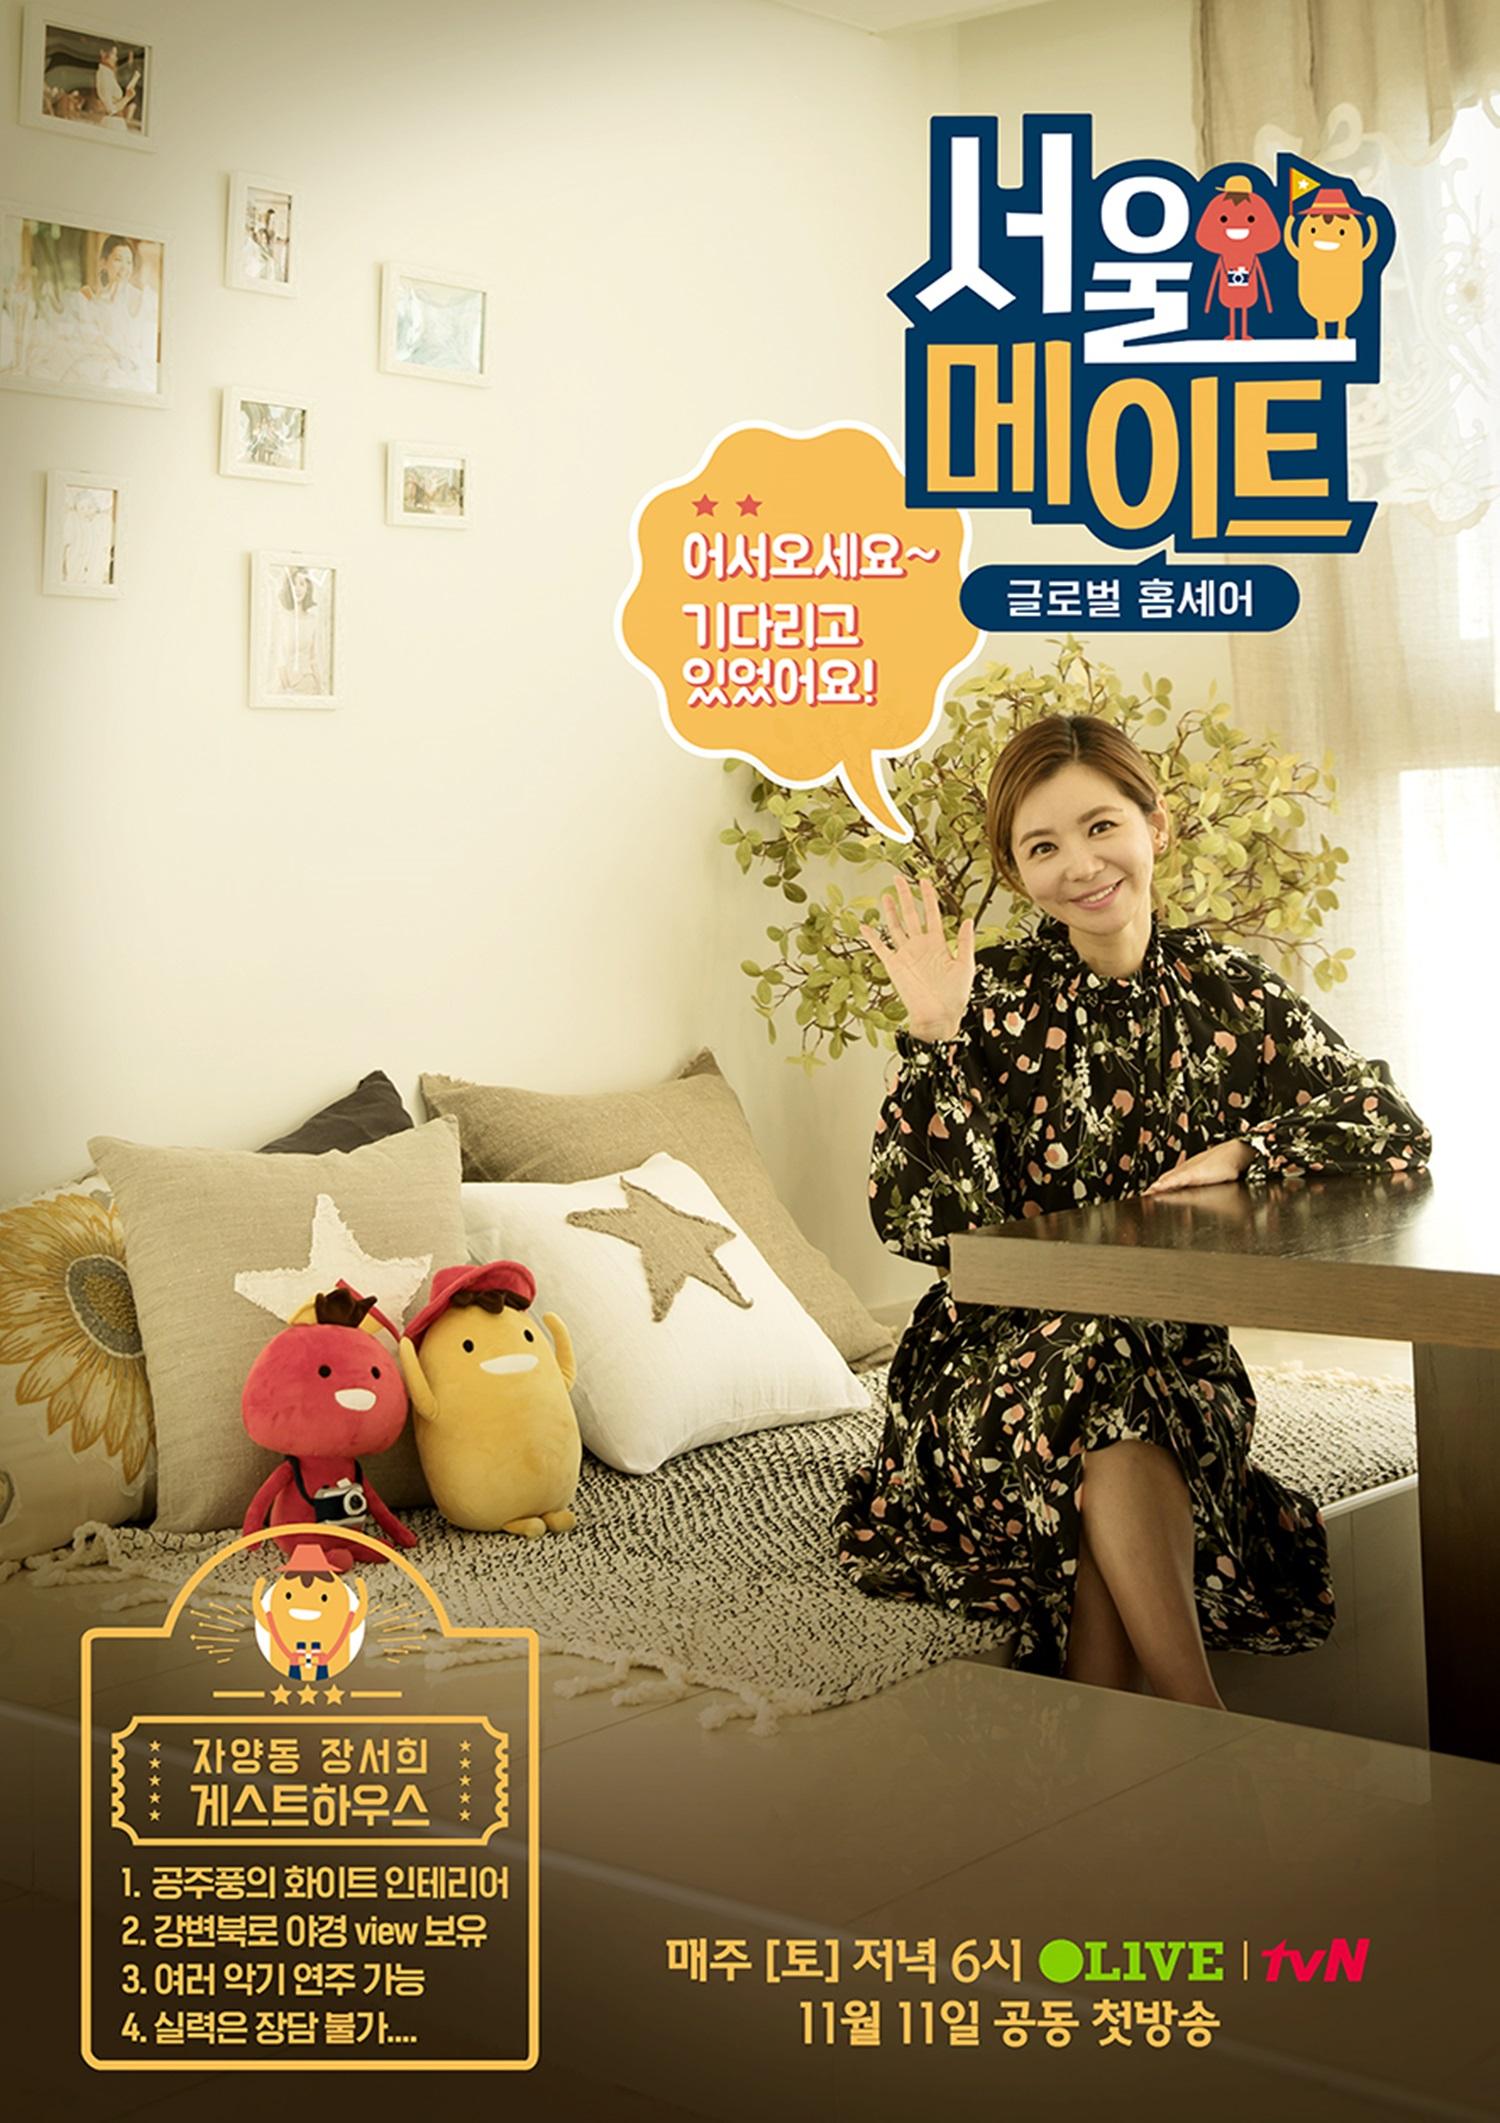 <서울메이트> 장서희-김준호, 각양각색 매력 뽐내는 포스터 공개